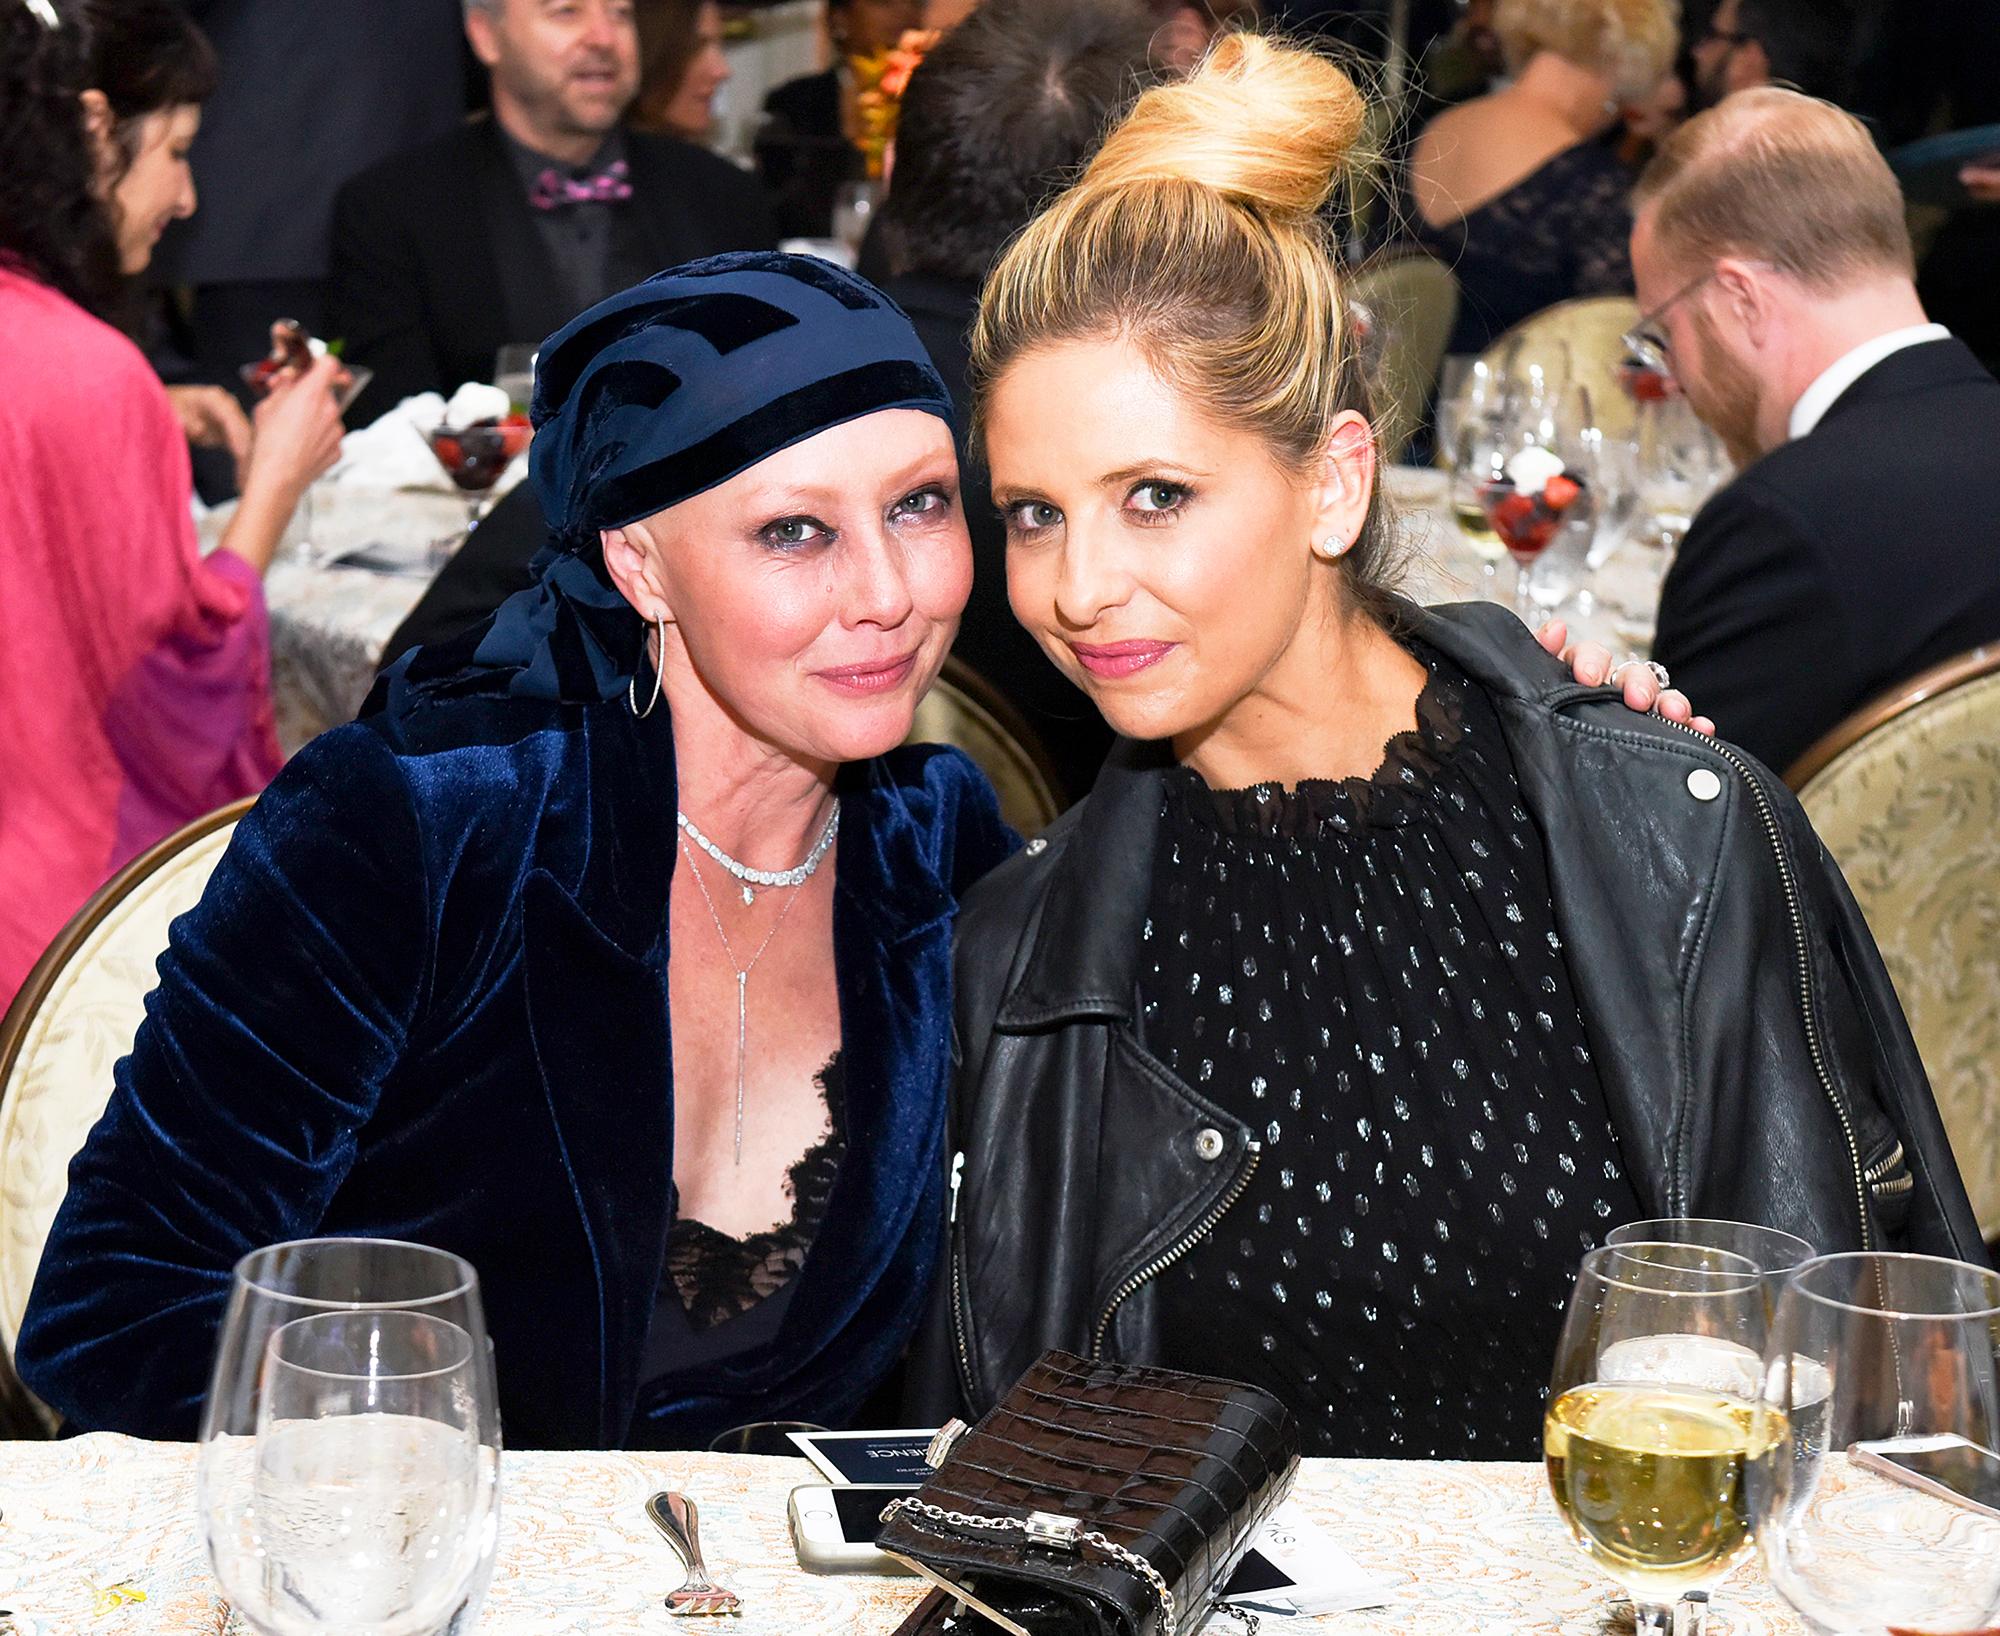 Shannen Doherty and Sarah Michelle Gellar